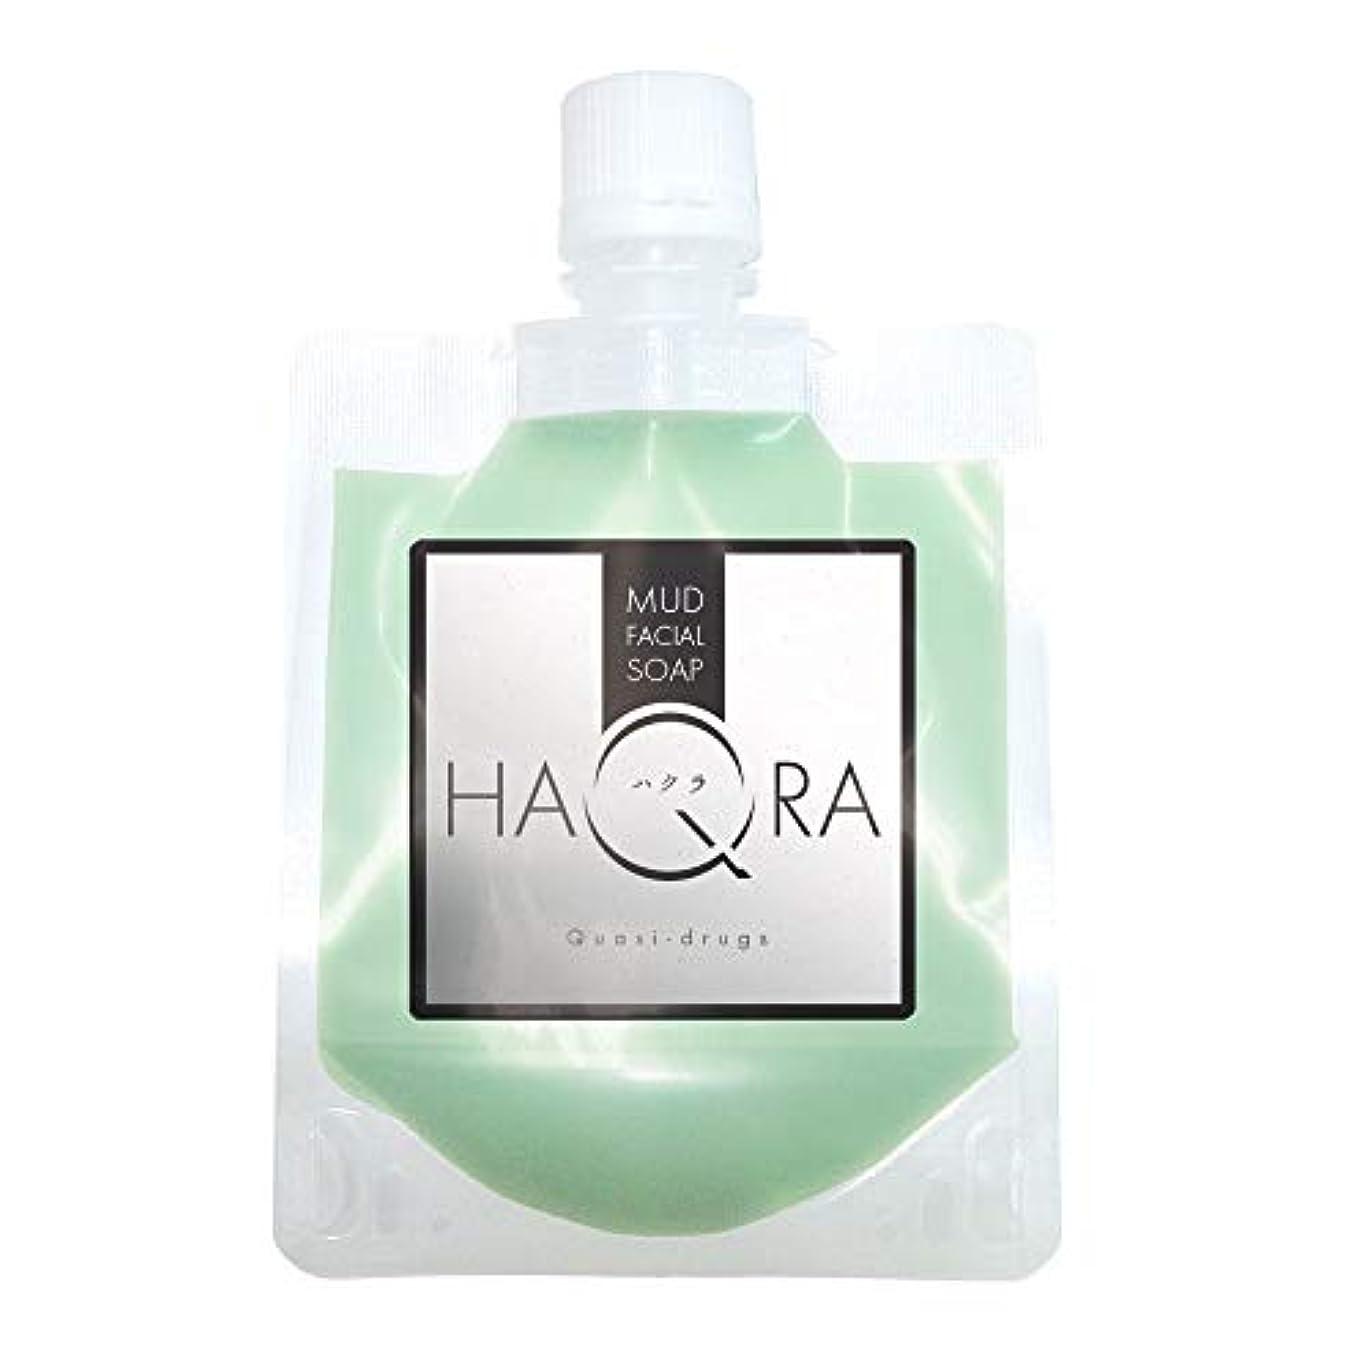 学者鳴り響く免除ハクラ HAQRA クレイ洗顔 泥洗顔 石鹸 石けん